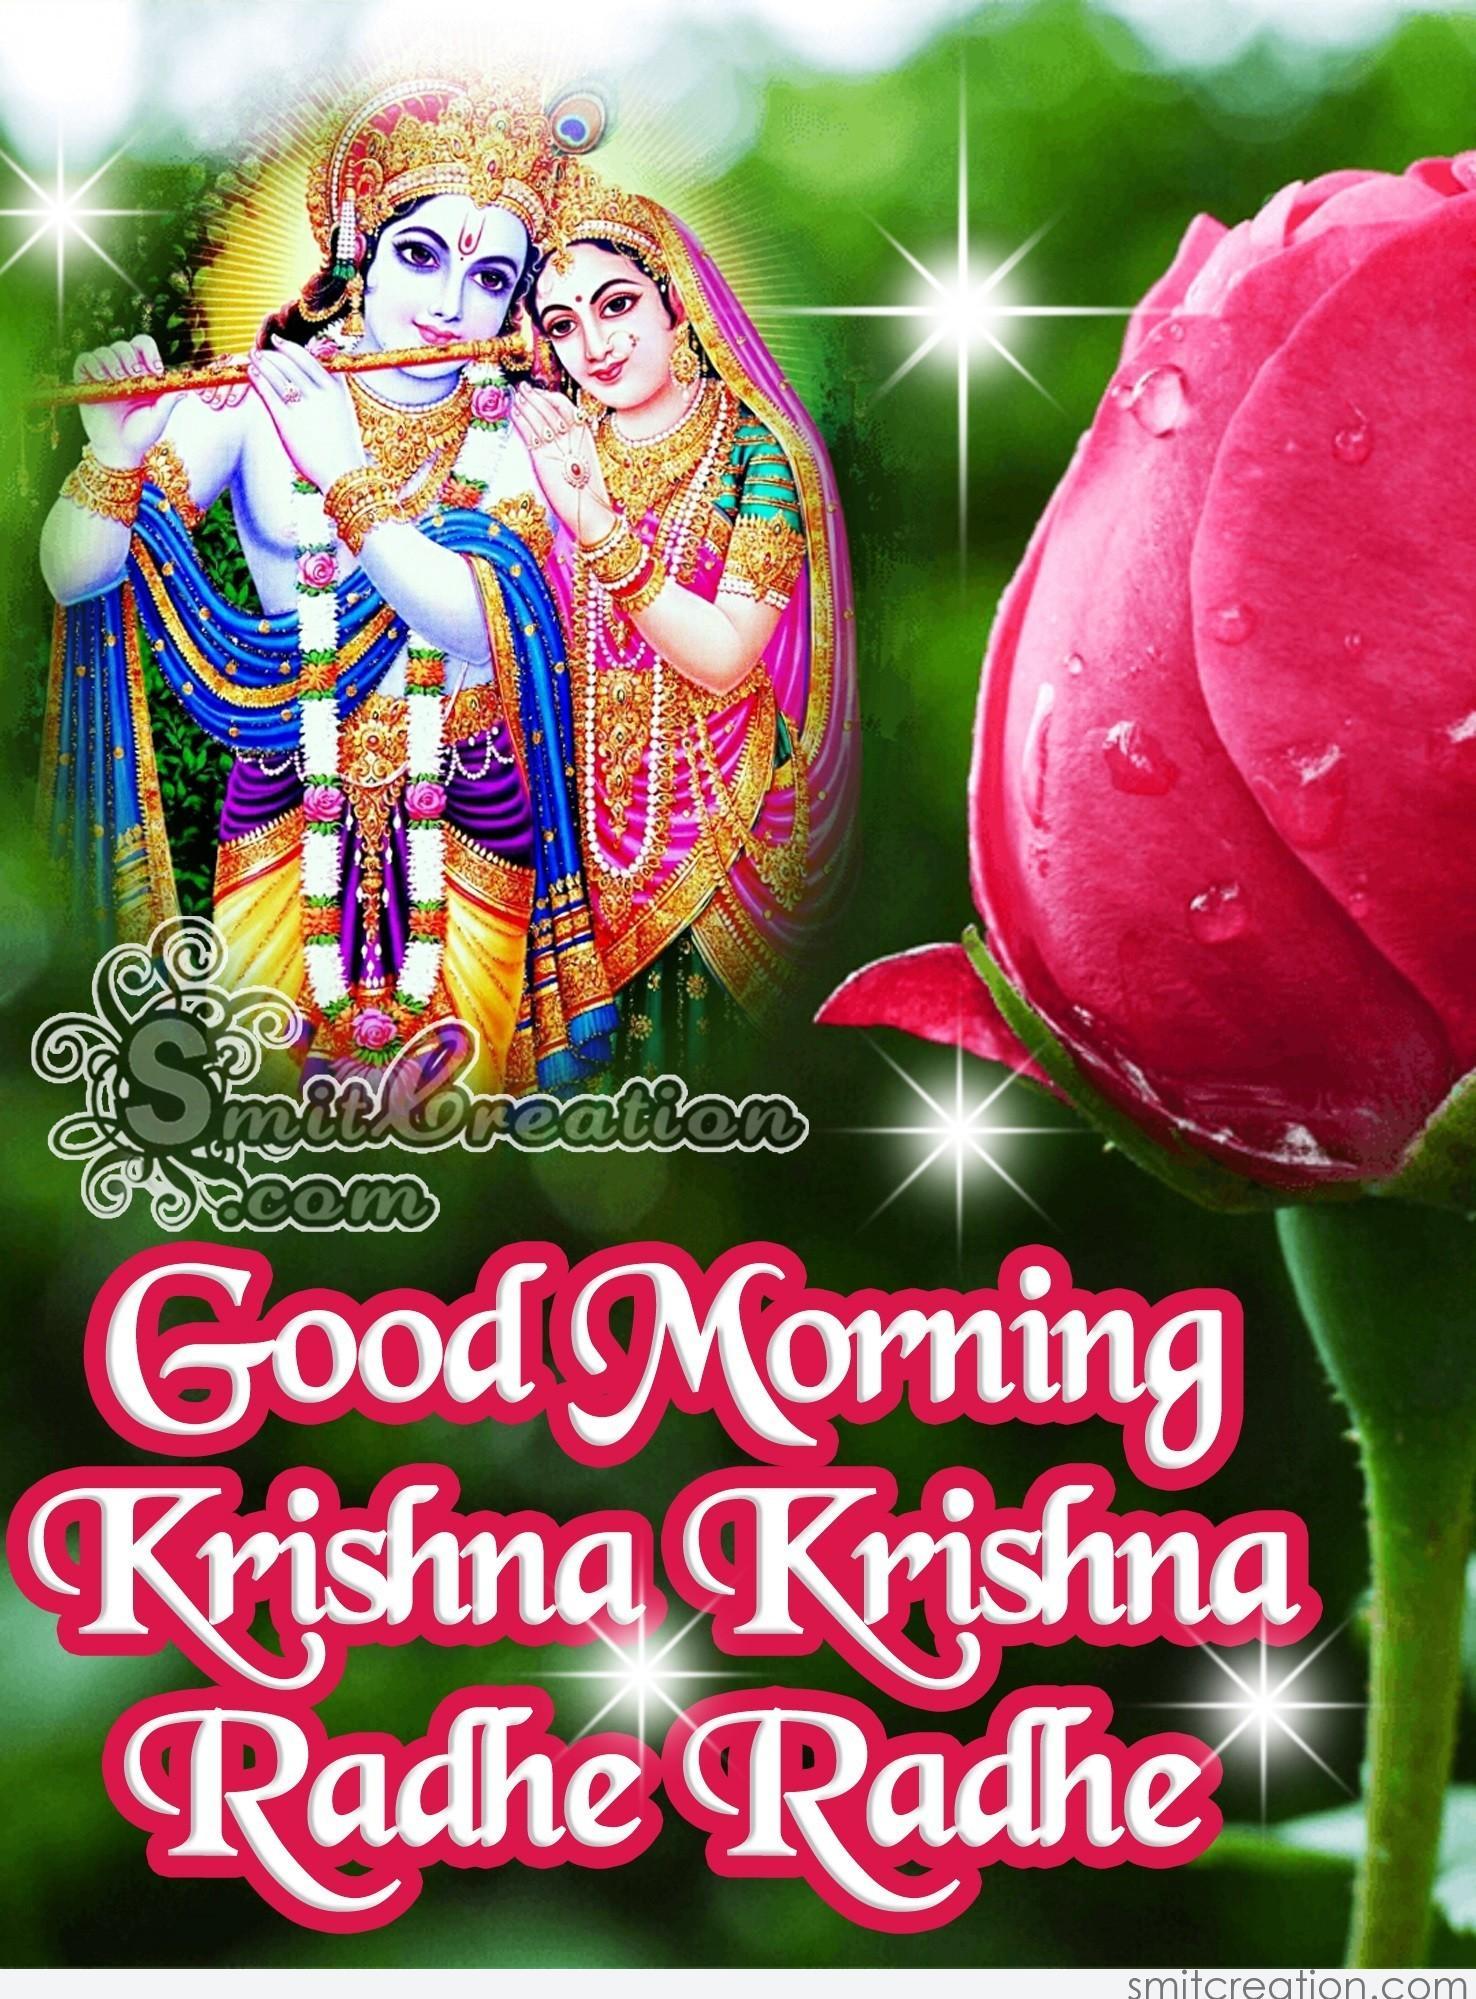 Good Morning Krishna Krishna Radhe Radhe Smitcreationcom